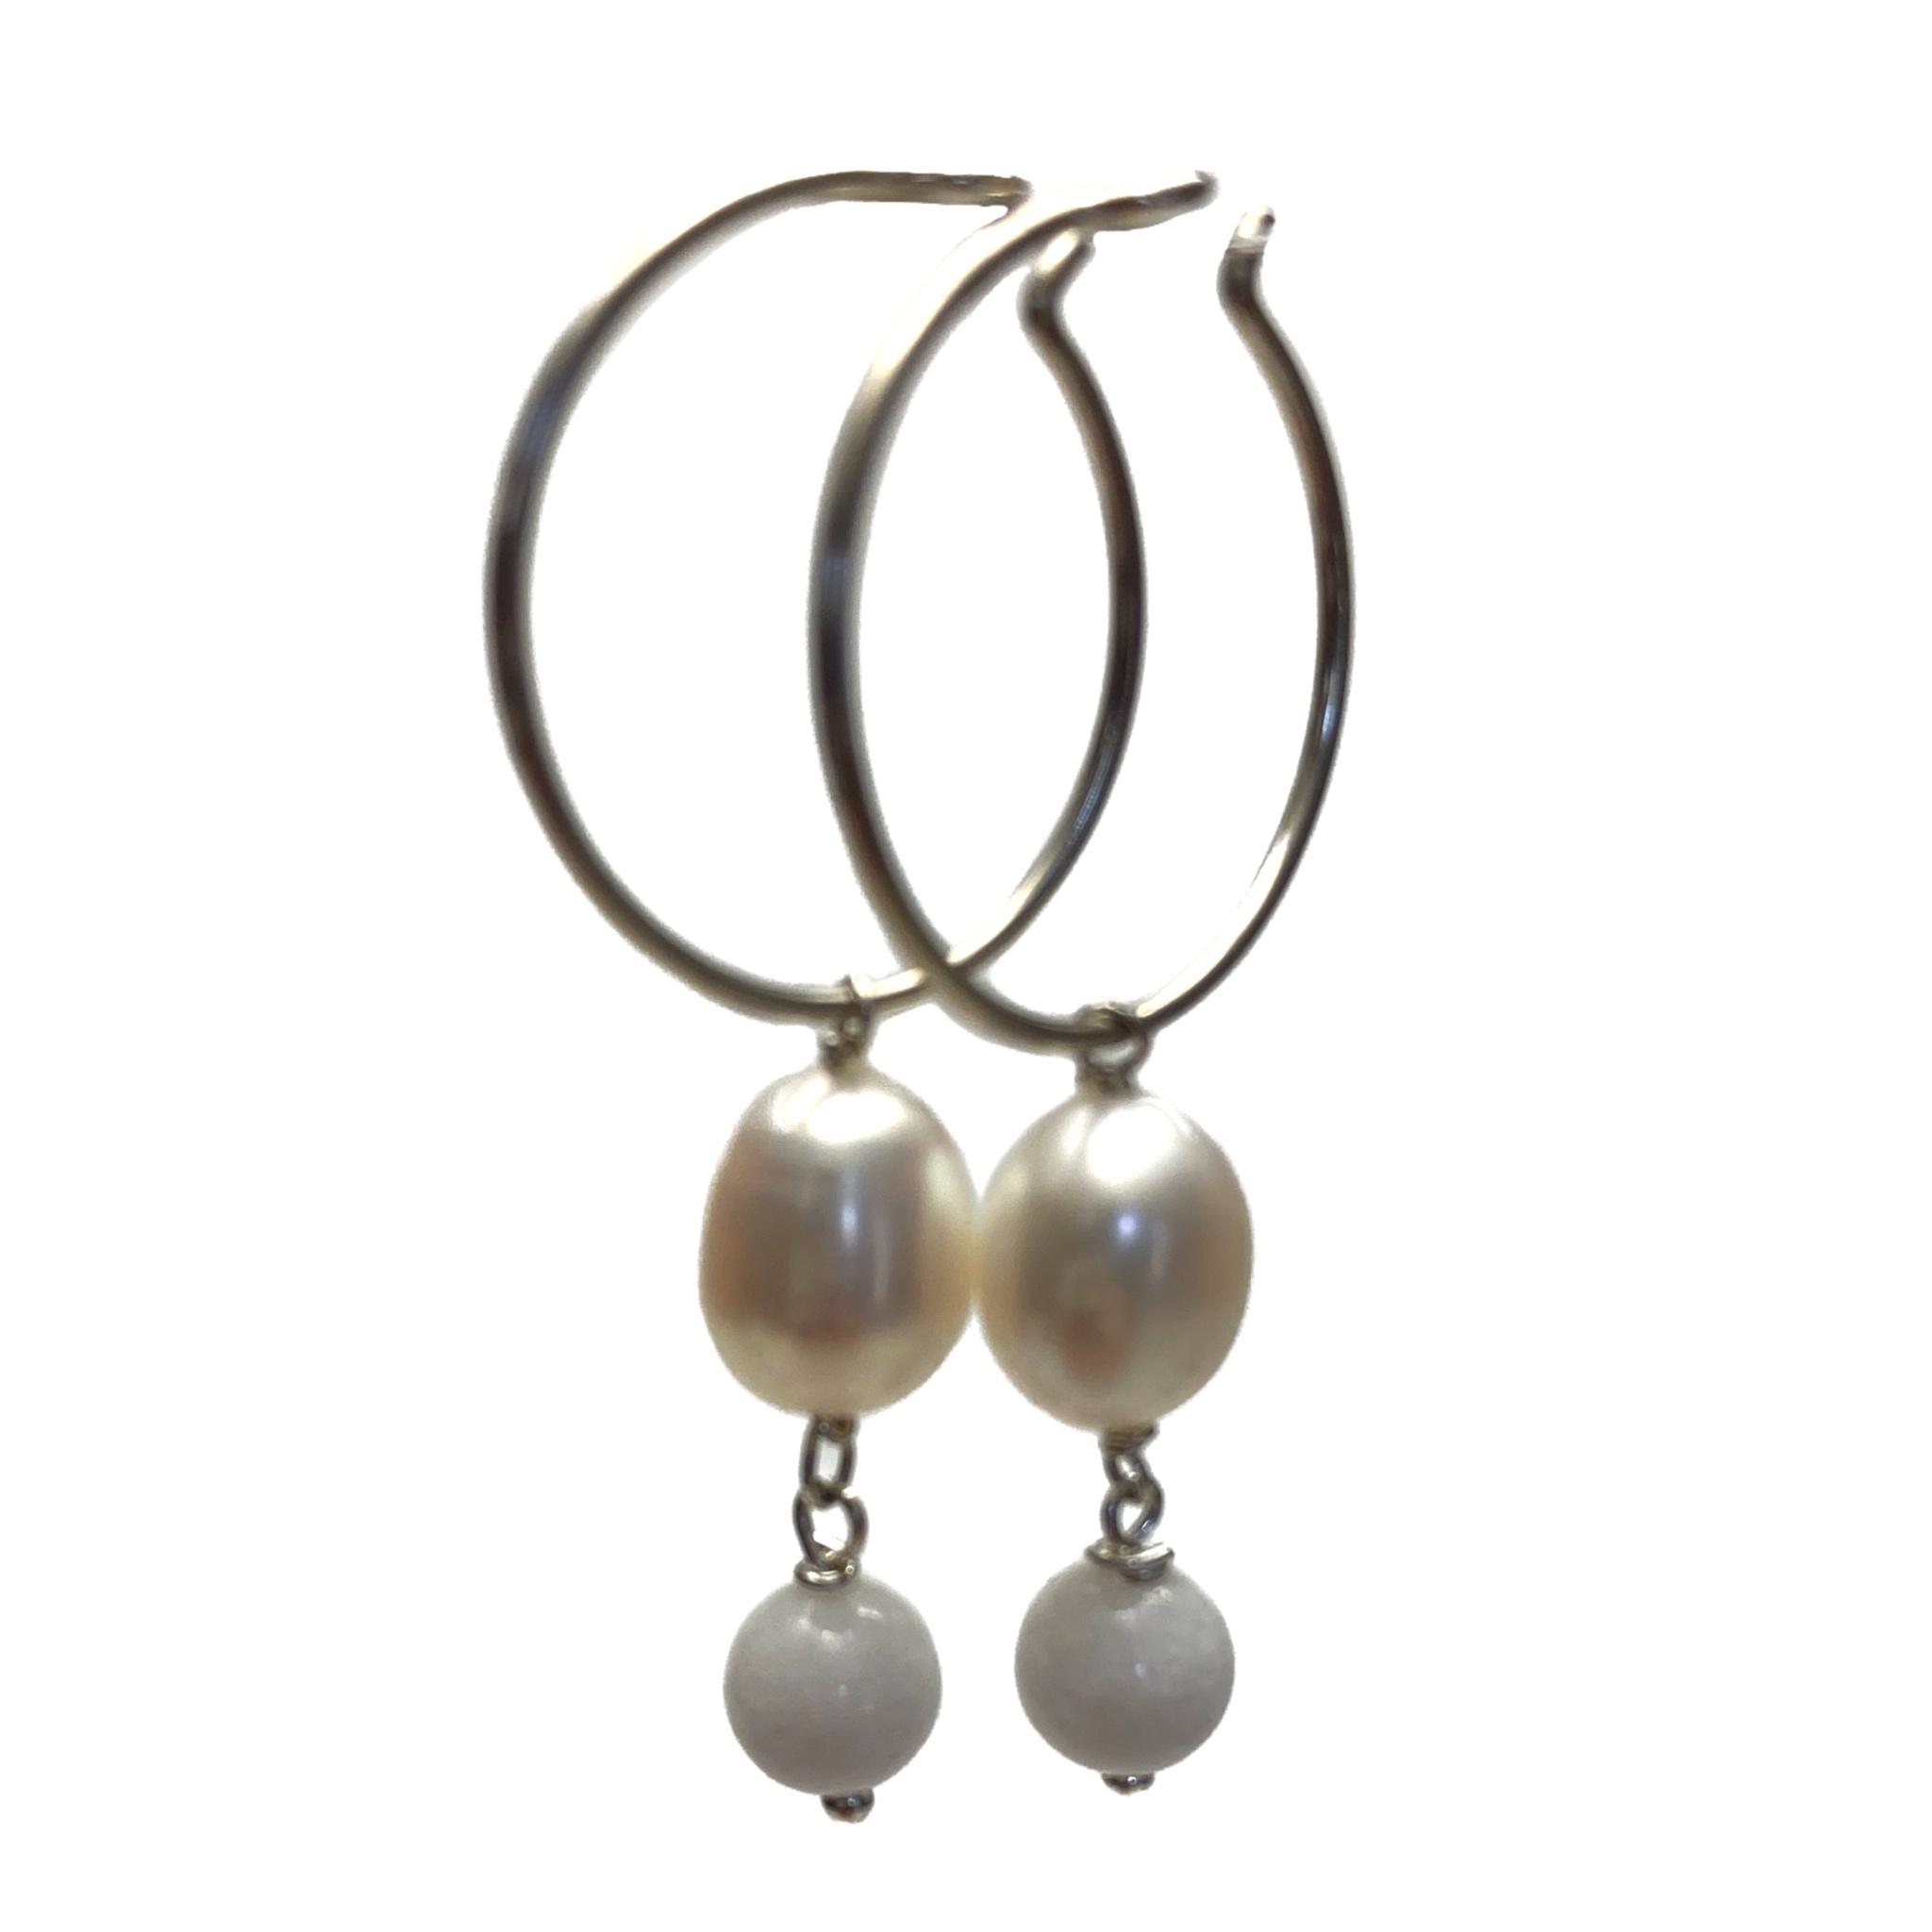 Hvide øreringe i sølv med sten og perler